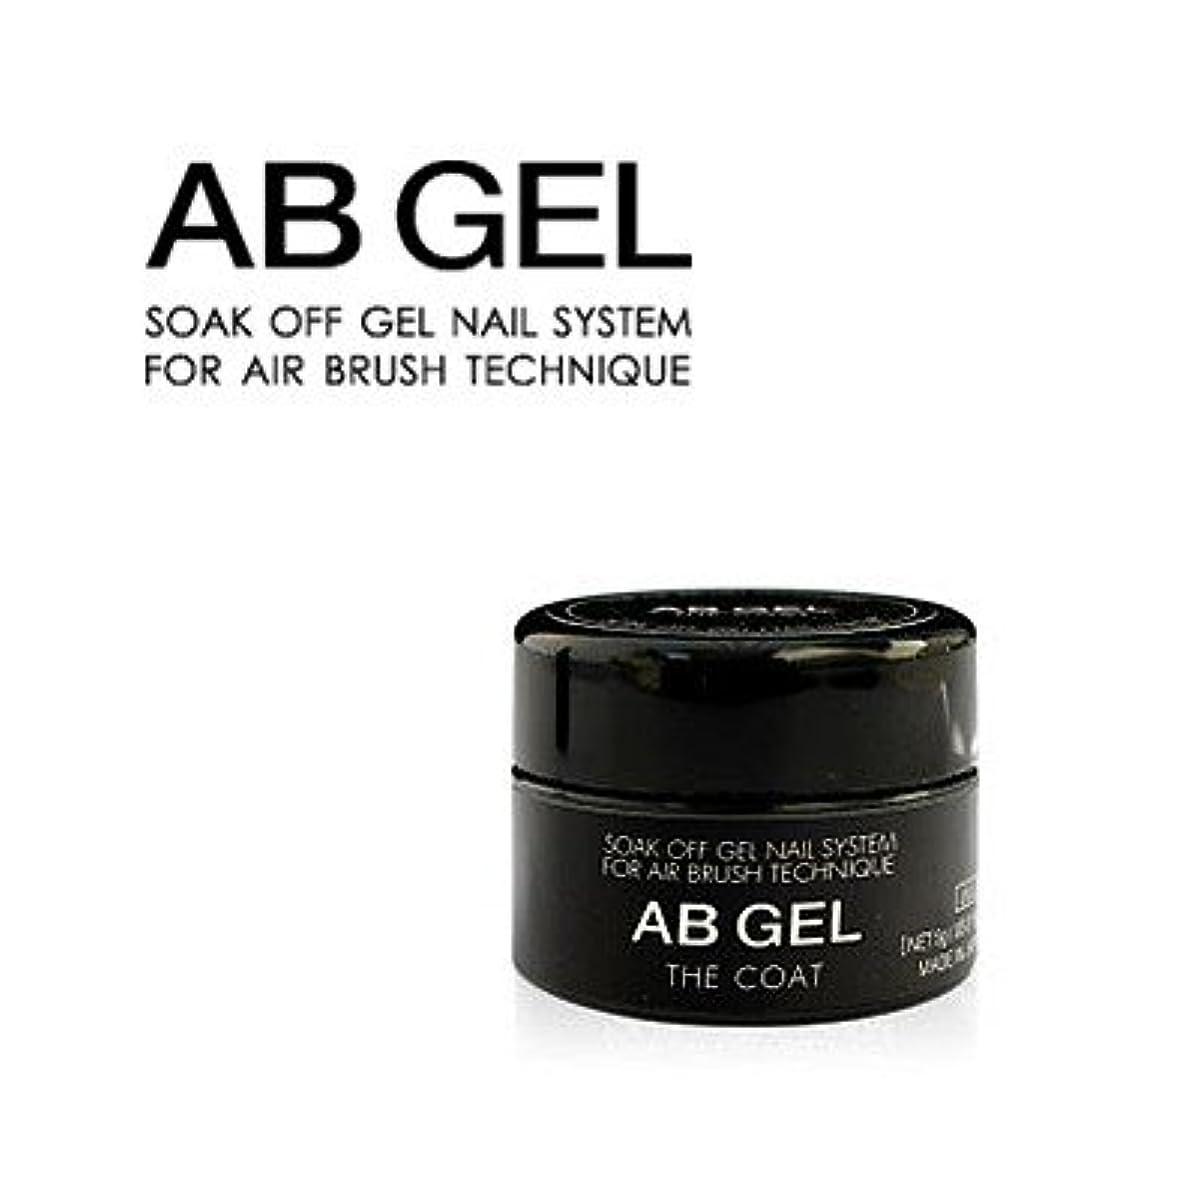 オリエンタルデザート赤外線ベースジェル ジェルネイル AB GEL THE COAT 5g